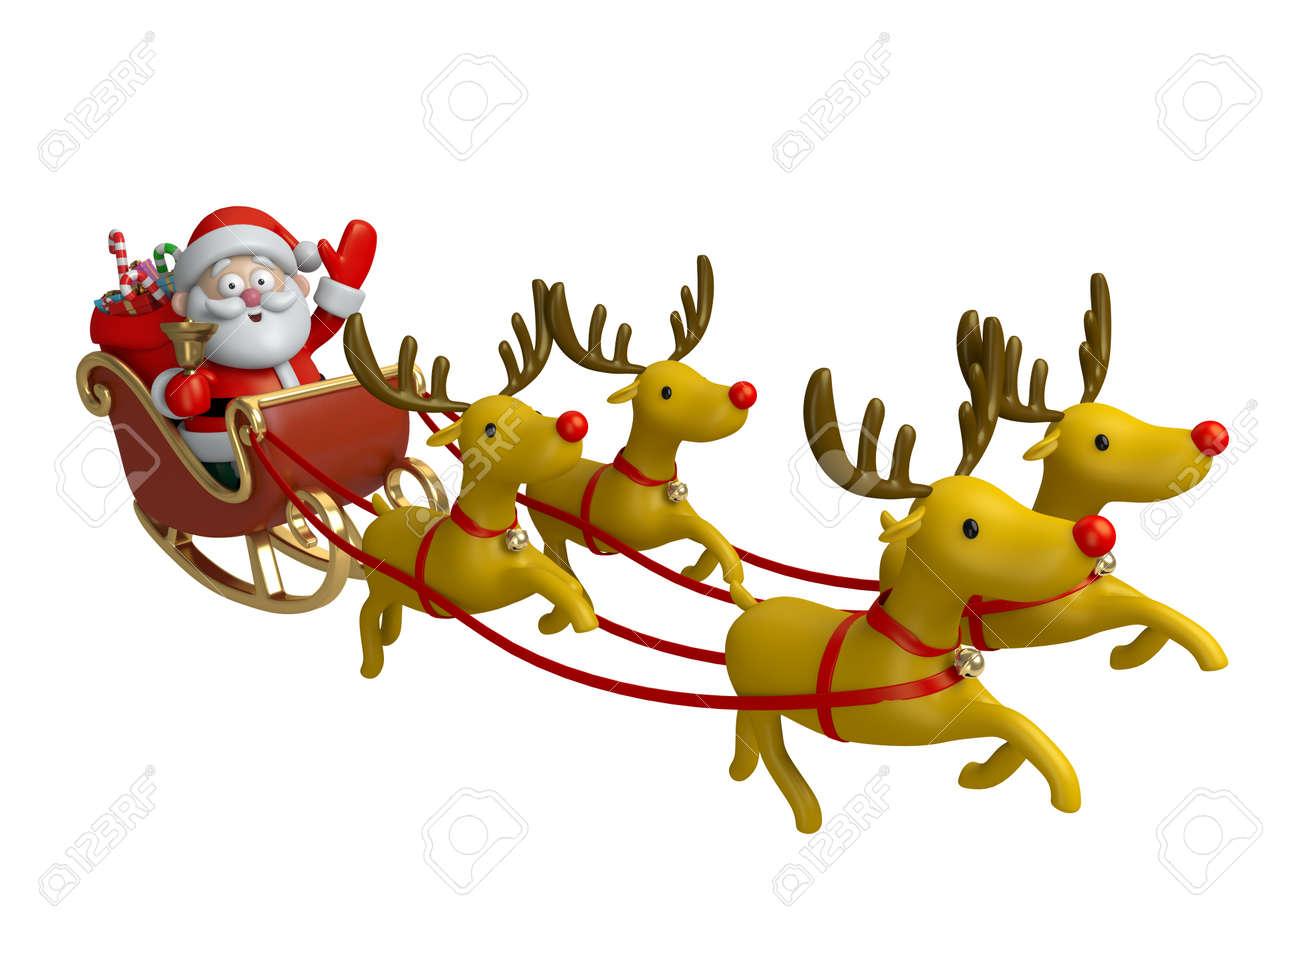 Santa Claus in his sleigh - 47552389